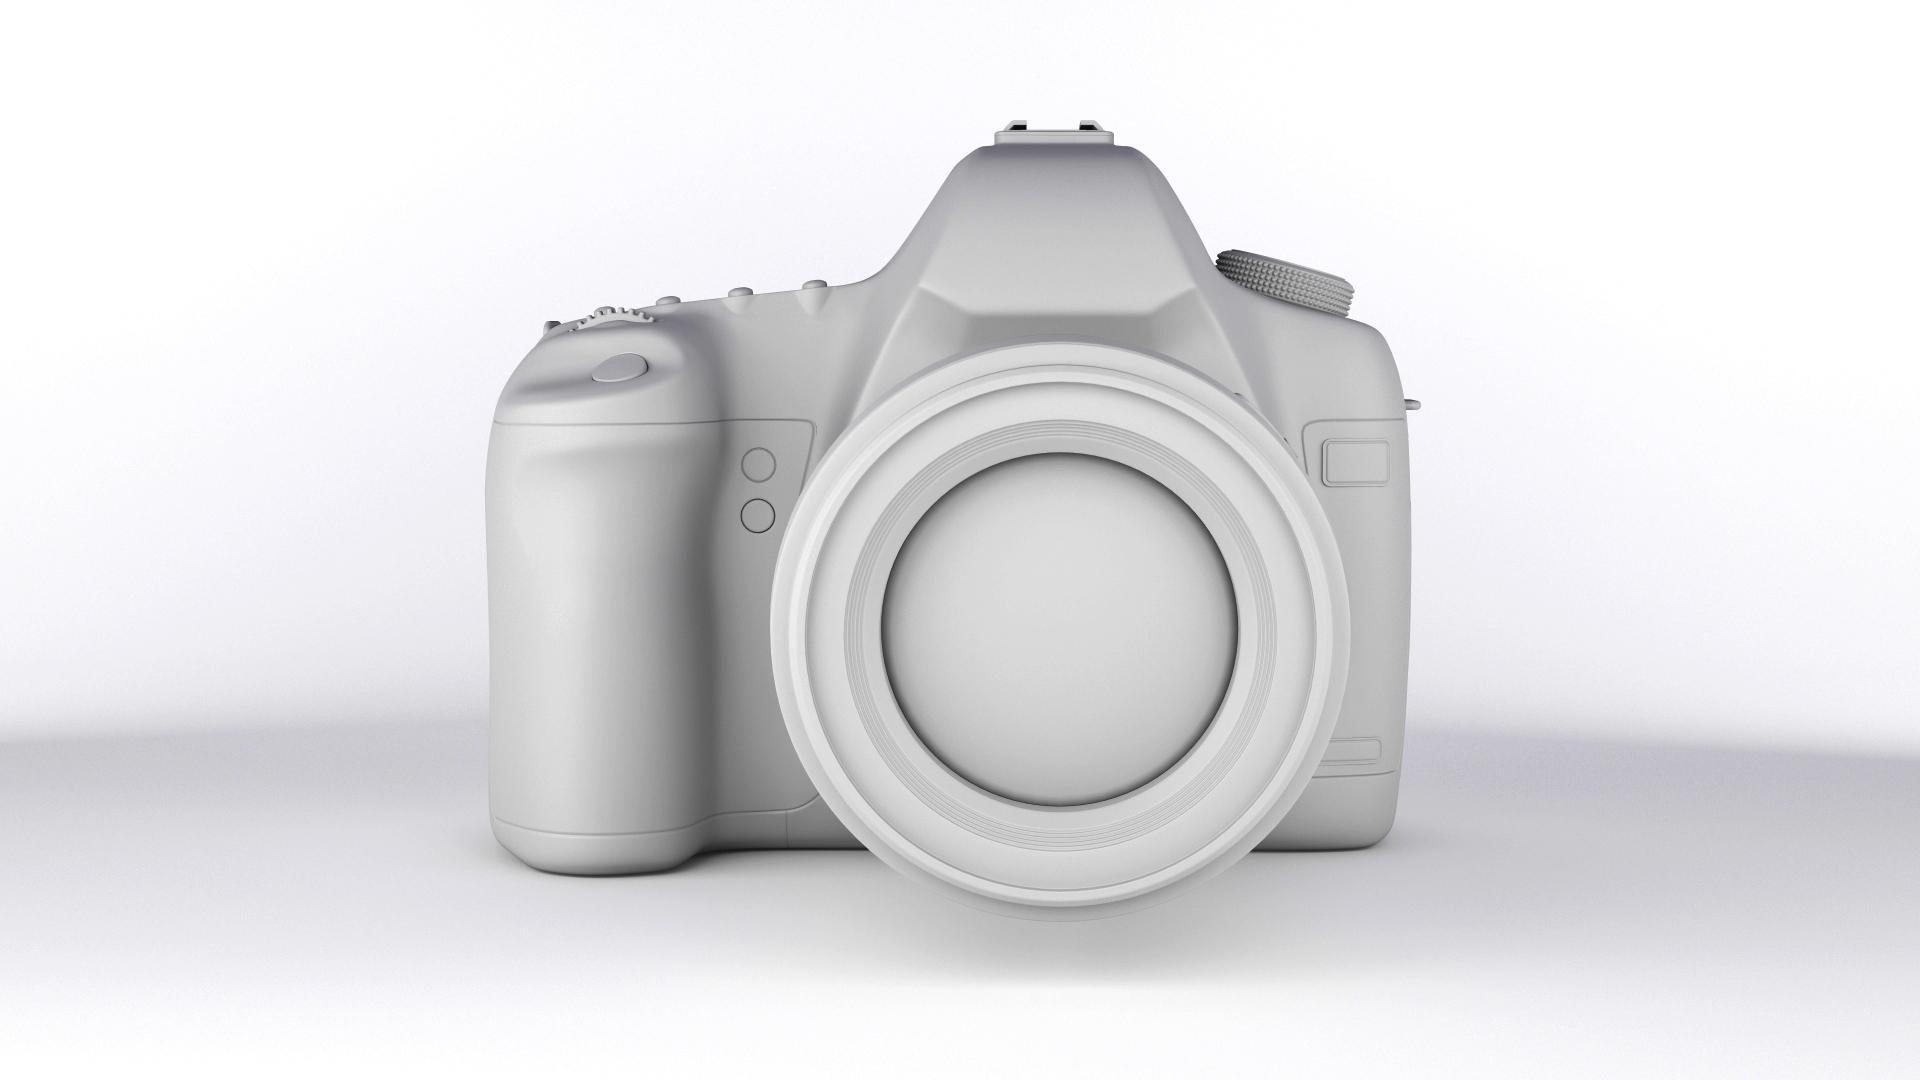 canon eos 5d mark ii 3d model max  fbx jpeg jpg other texture obj 285258